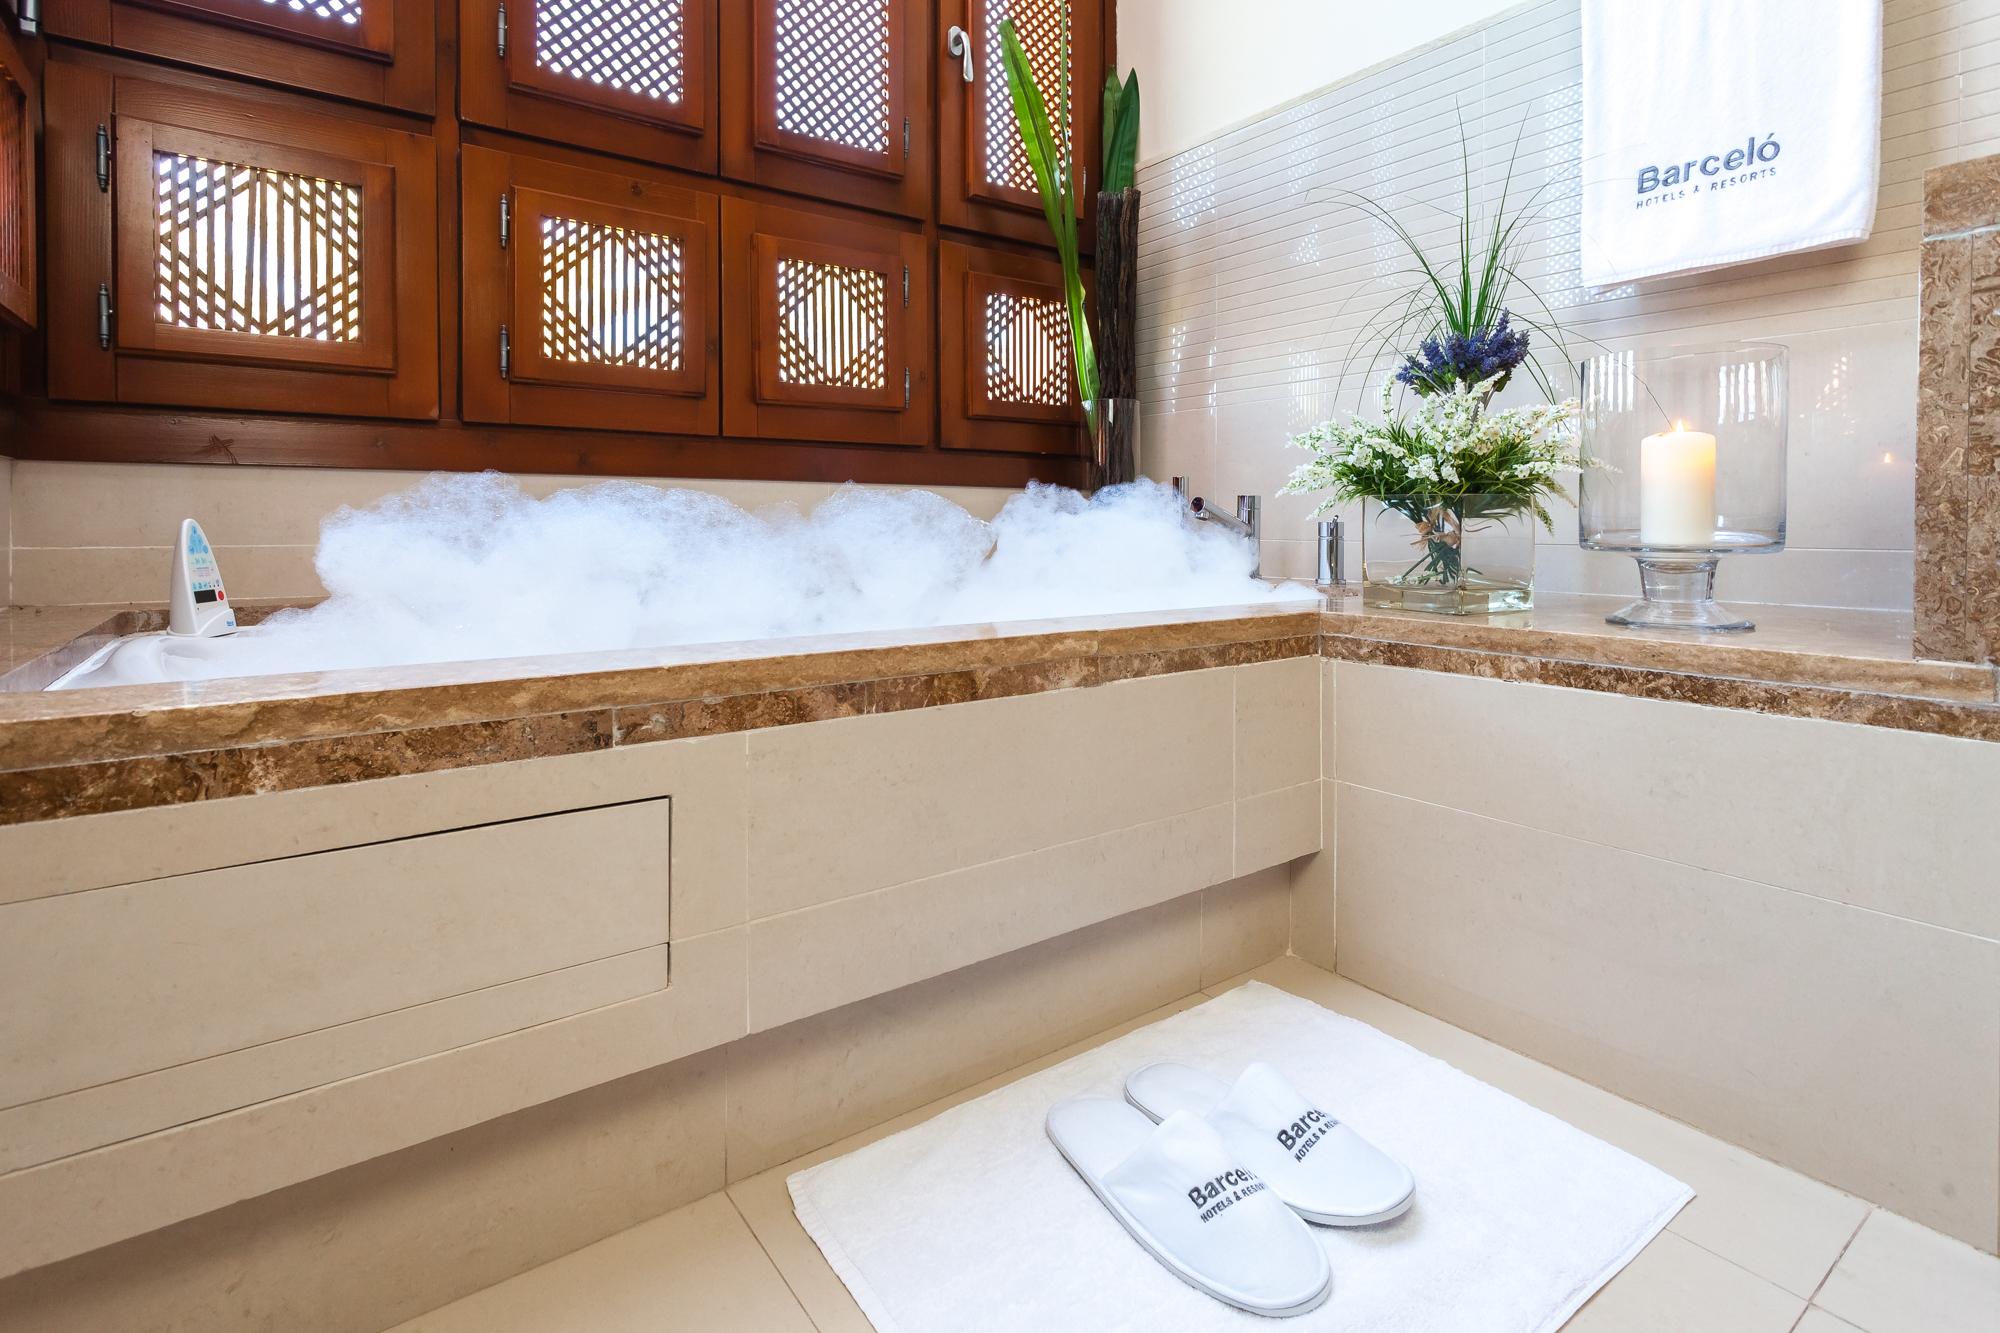 Rituales de baño en casa con ingredientes naturales